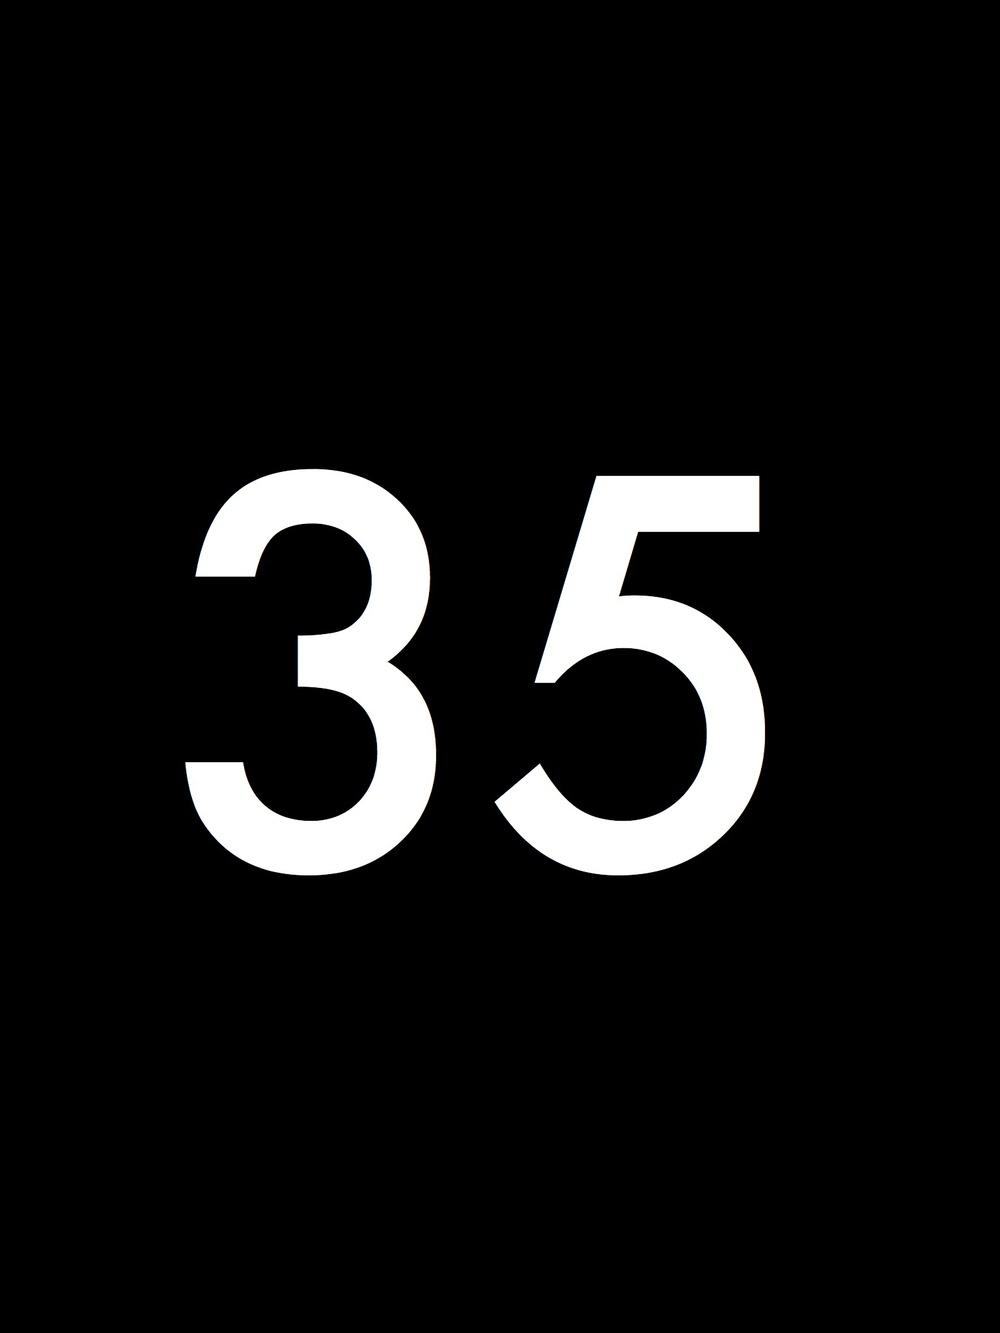 Black_Number.035.jpg